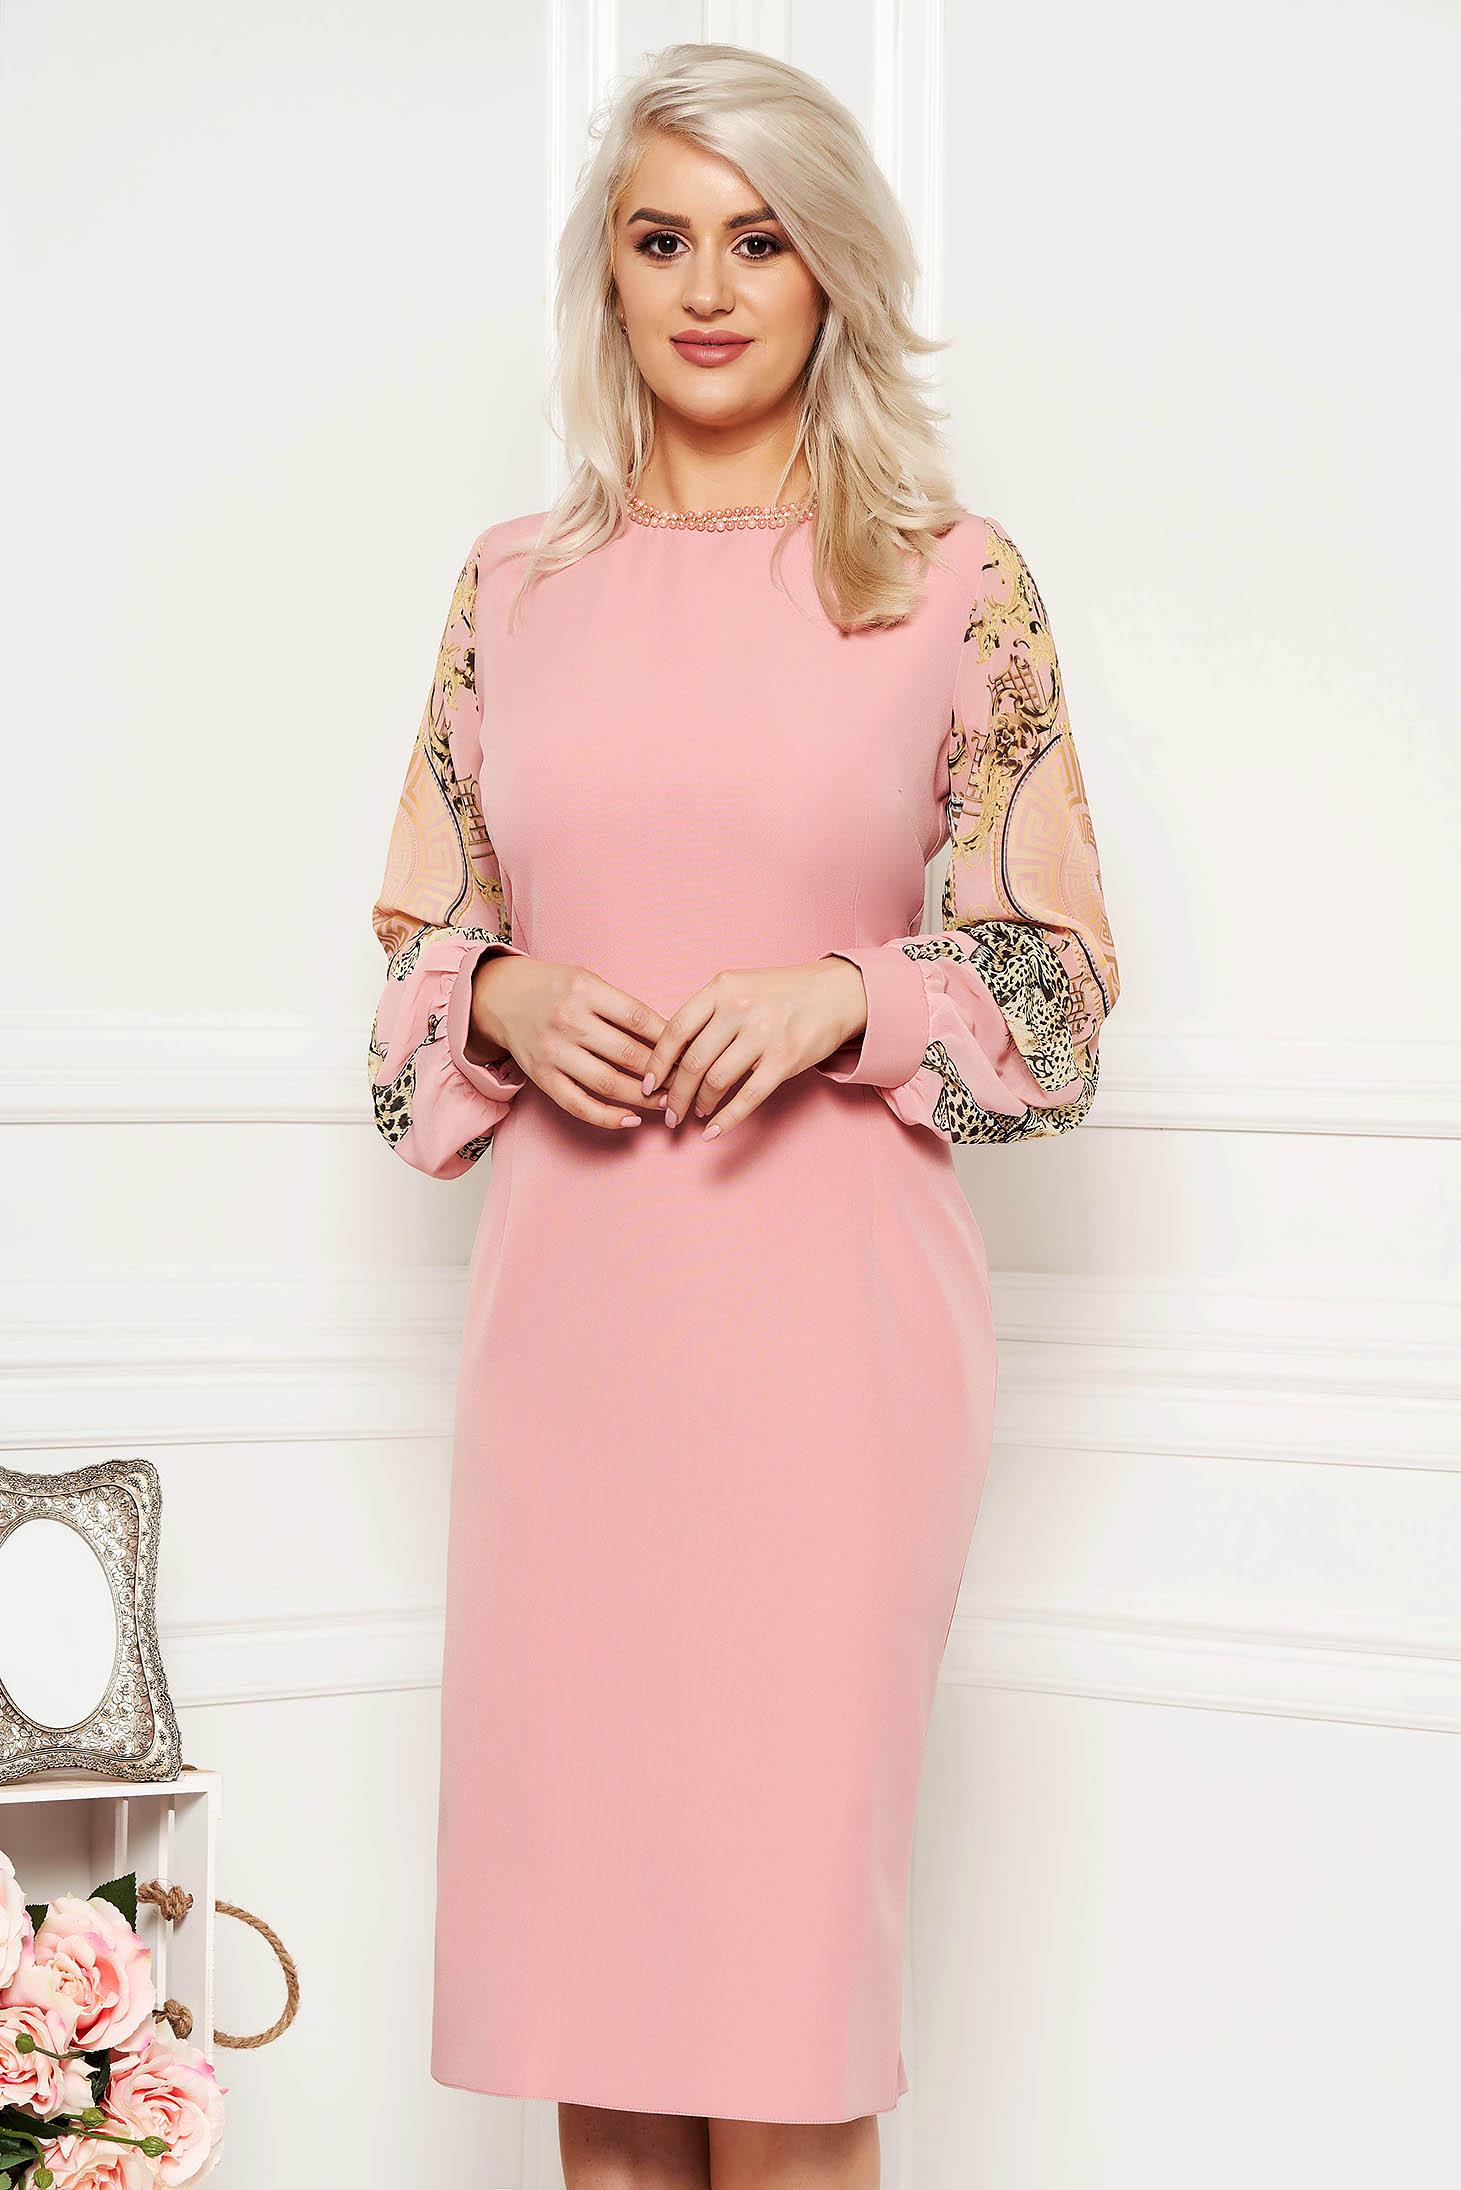 Rochie rosa de ocazie cu un croi mulat cu aplicatii cu margele maneci transparente